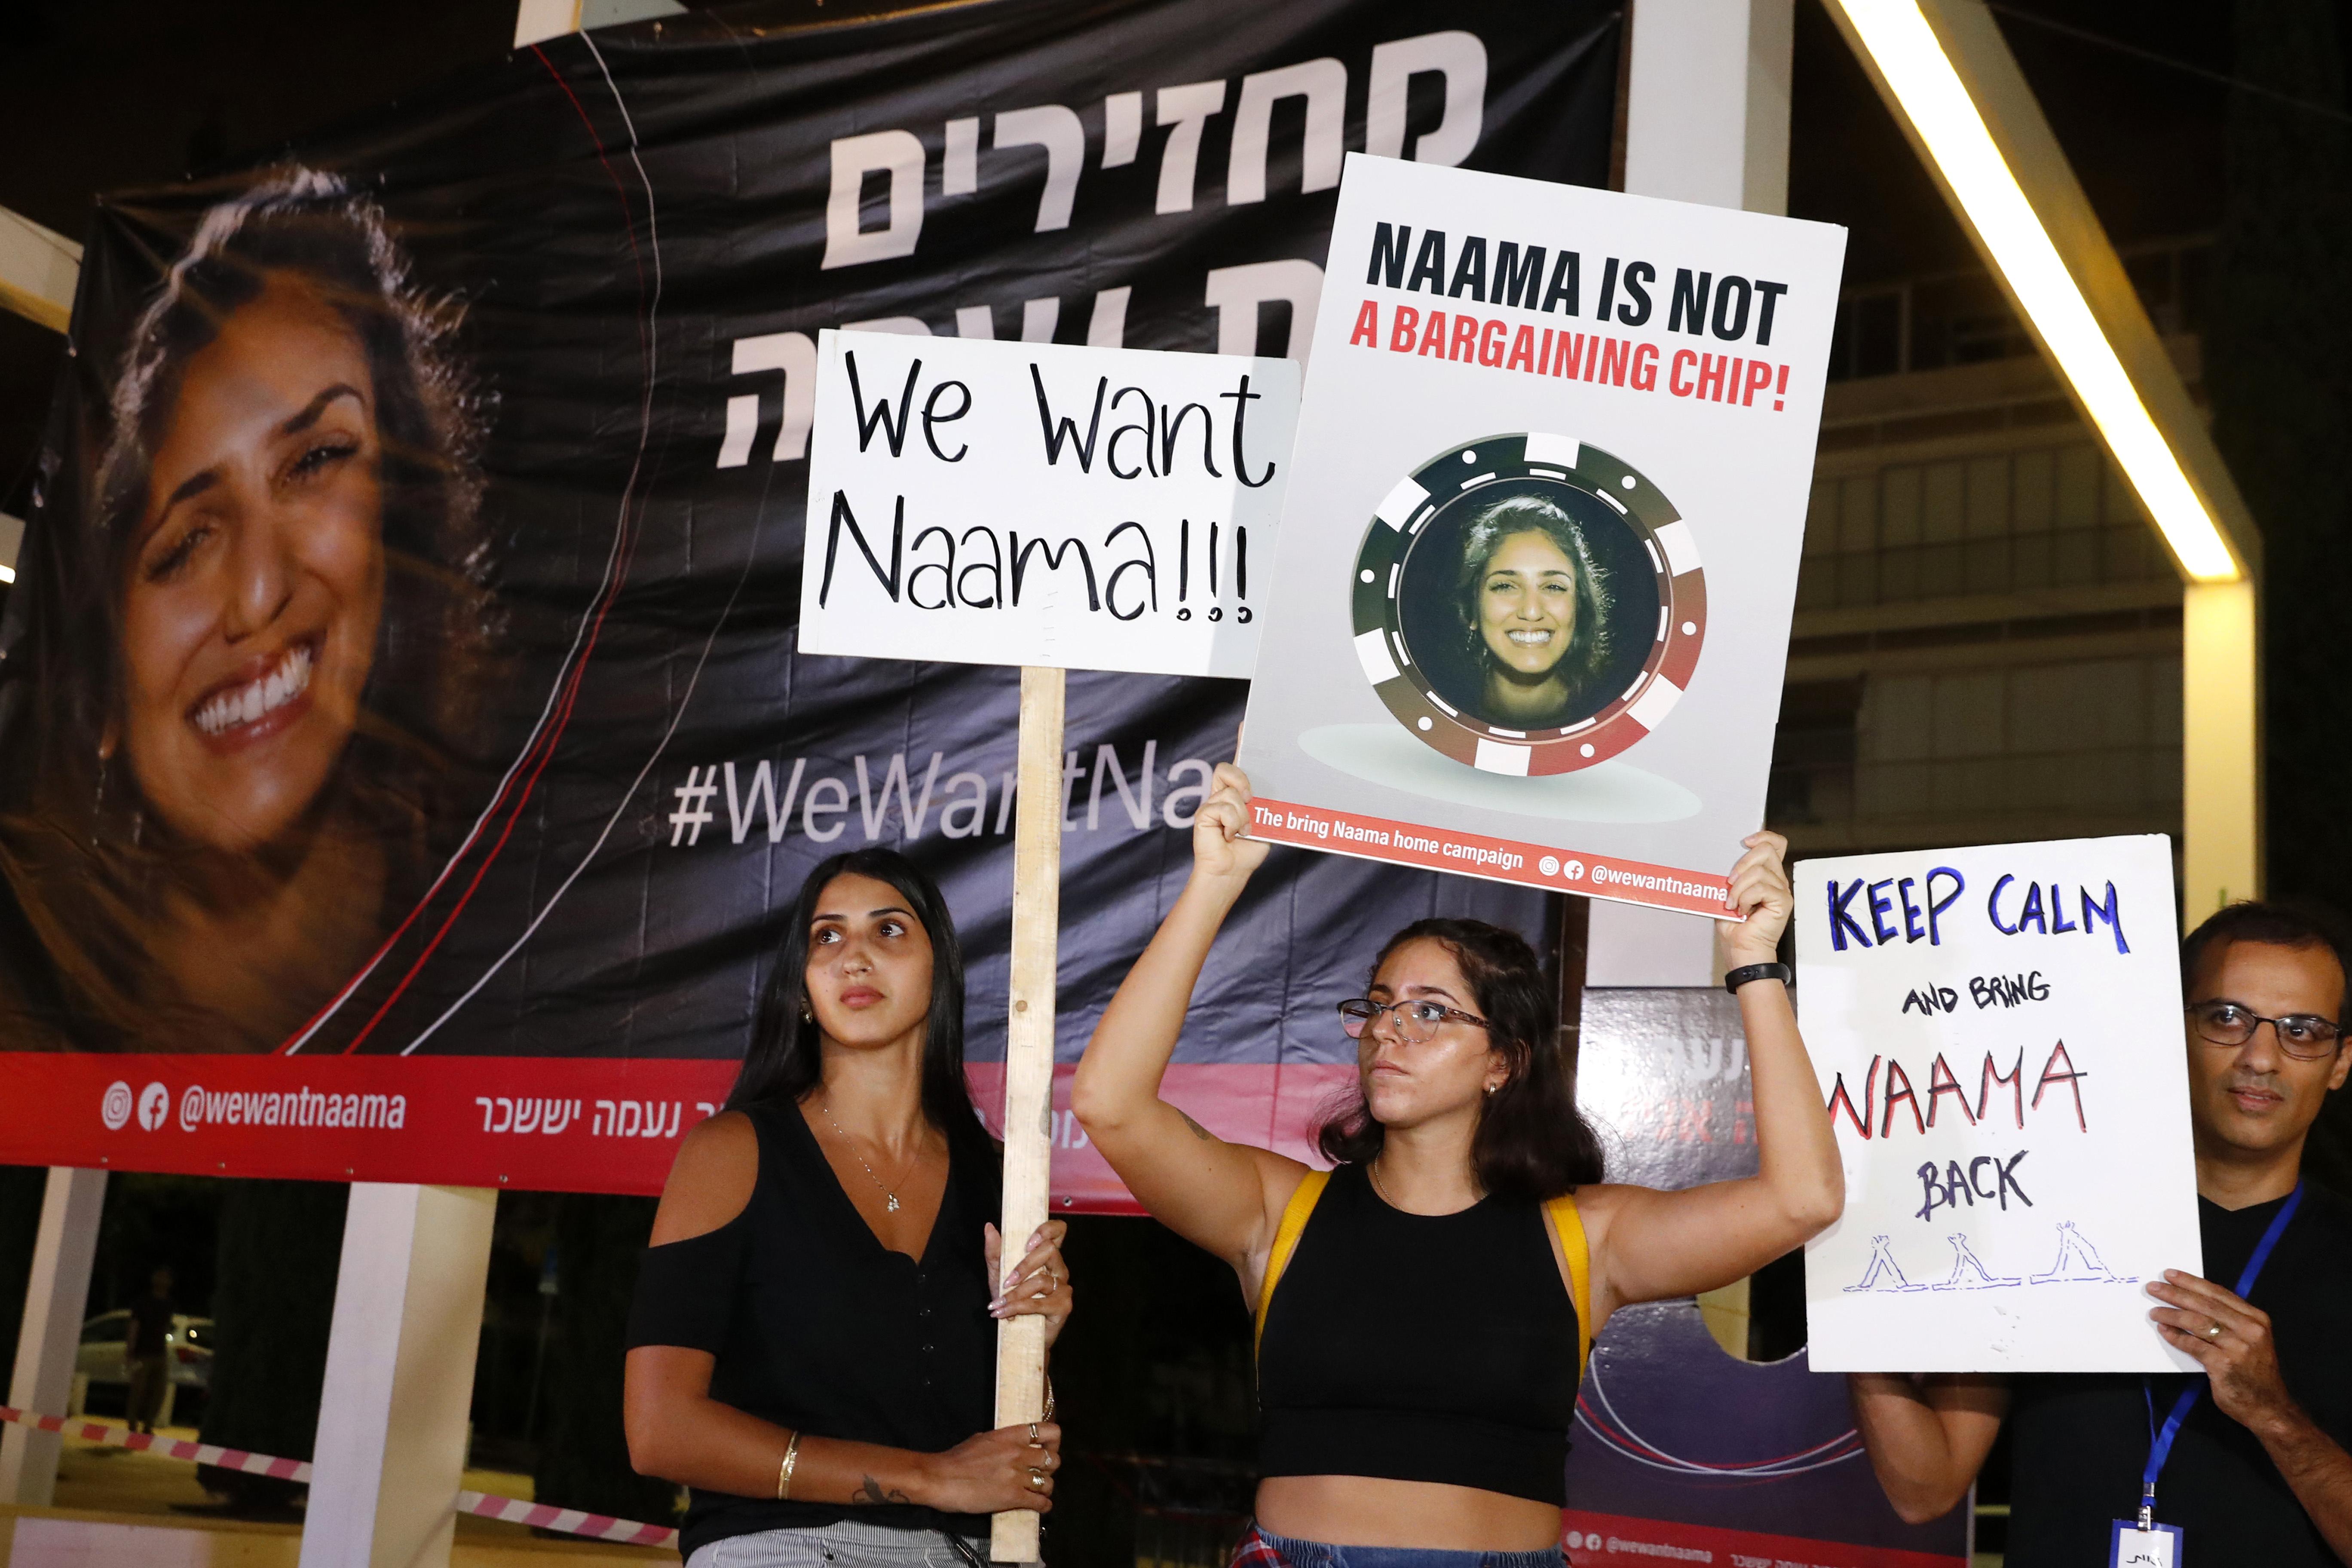 مظاهرة في تل أبيب في 19 أكتوبر 2019 مطالبة بإطلاق سراح نعمة التي حُكم عليها في روسيا في 11 أكتوبر 2019 بحيازة وتهريب مخدرات